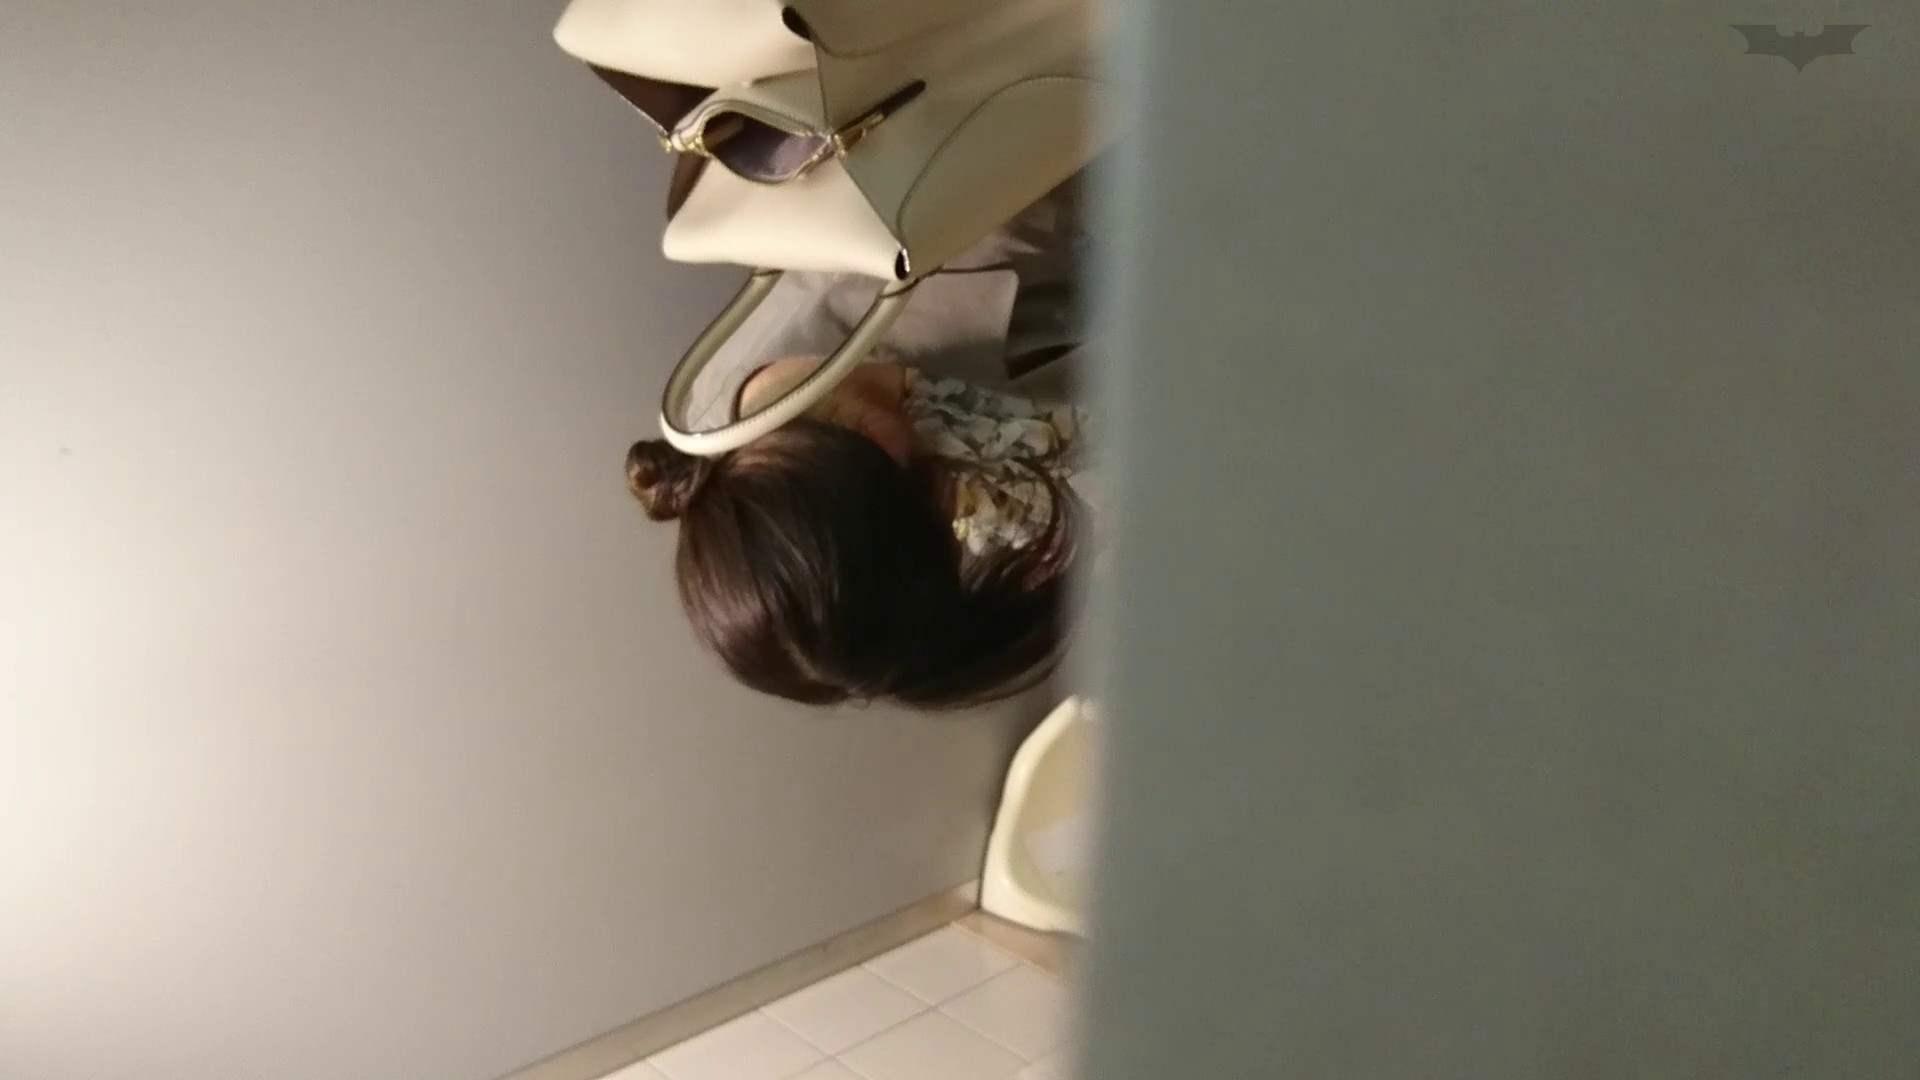 化粧室絵巻 ショッピングモール編 VOL.22 OL  95pic 65